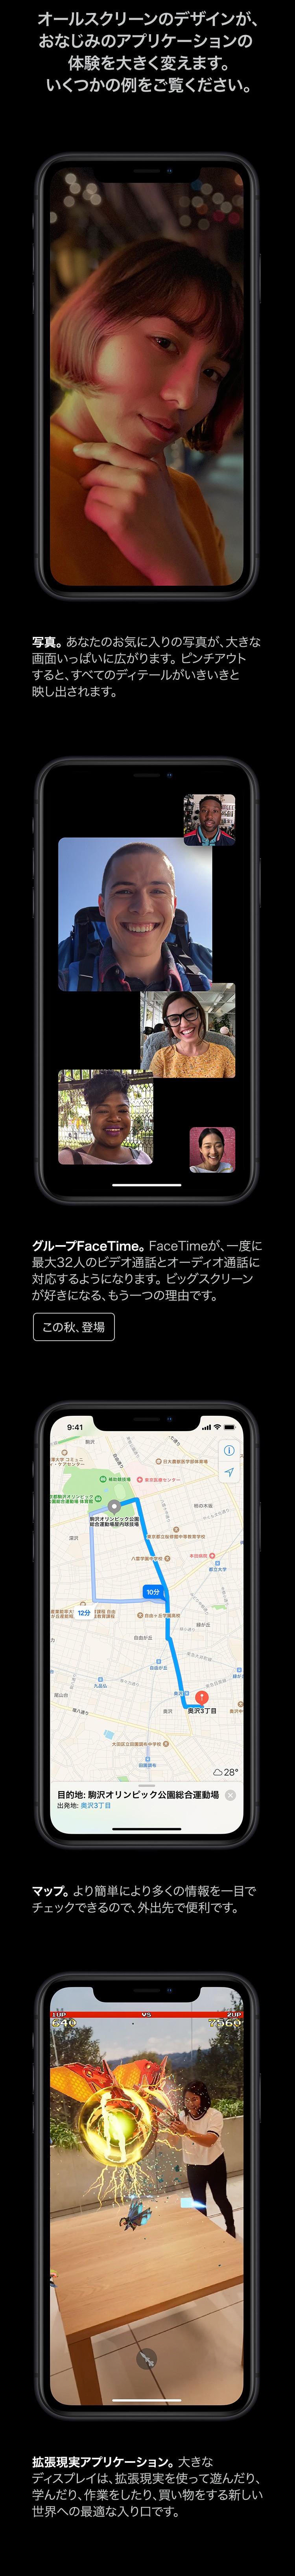 オールスクリーンのデザインが、おなじみのアプリケーションの体験を大きく変えます。いくつかの例をご覧ください。